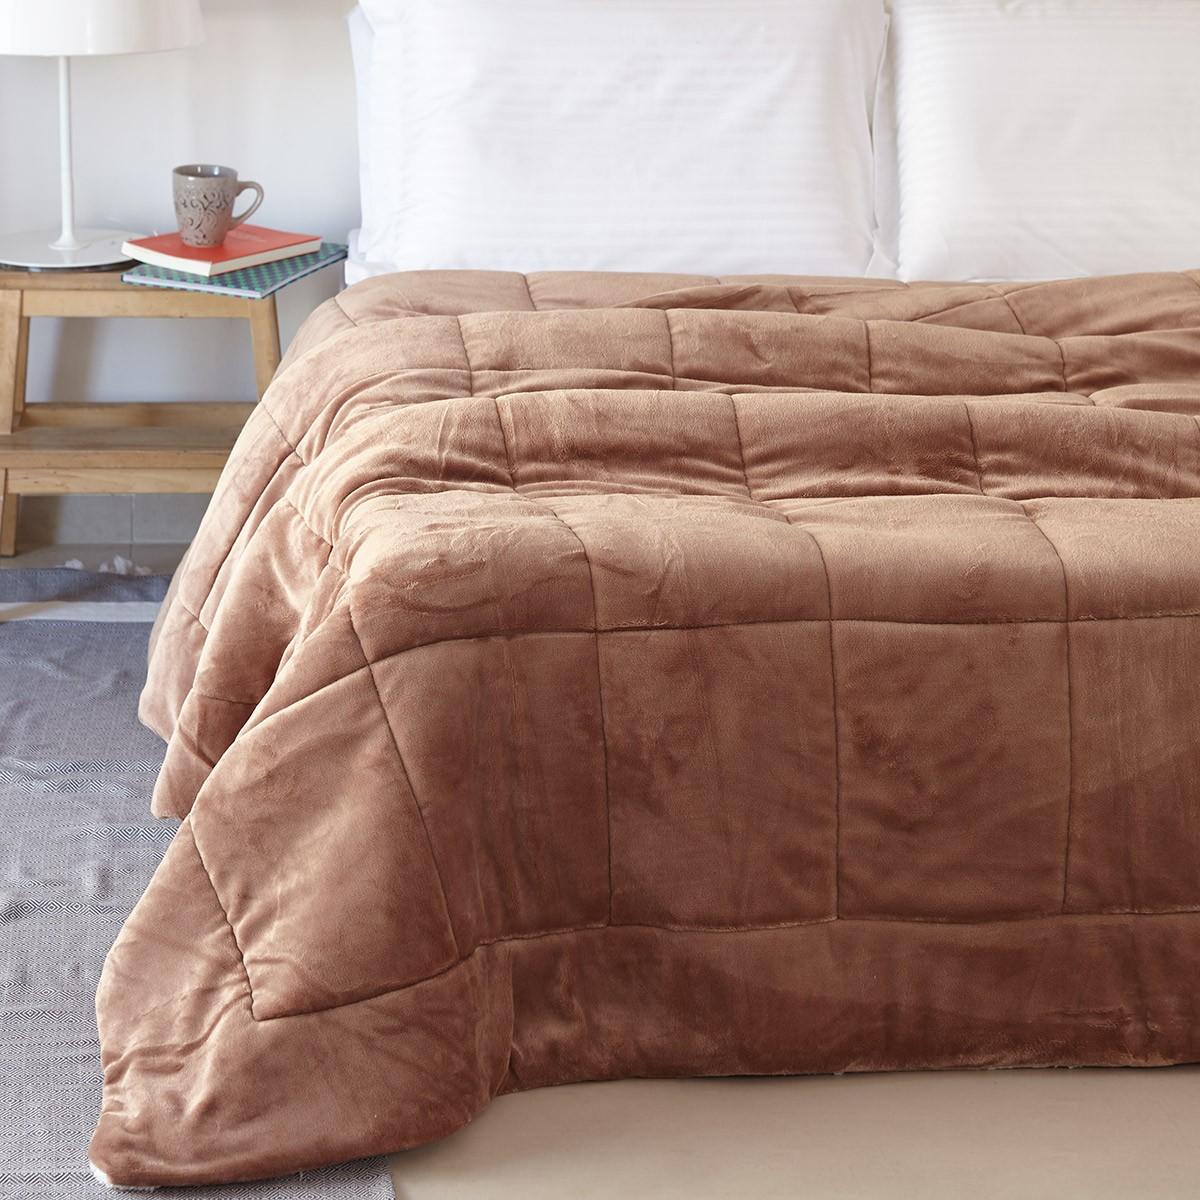 Κουβερτοπάπλωμα Υπέρδιπλο Melinen Molly Mocca home   κρεβατοκάμαρα   παπλώματα   κουβερτοπαπλώματα